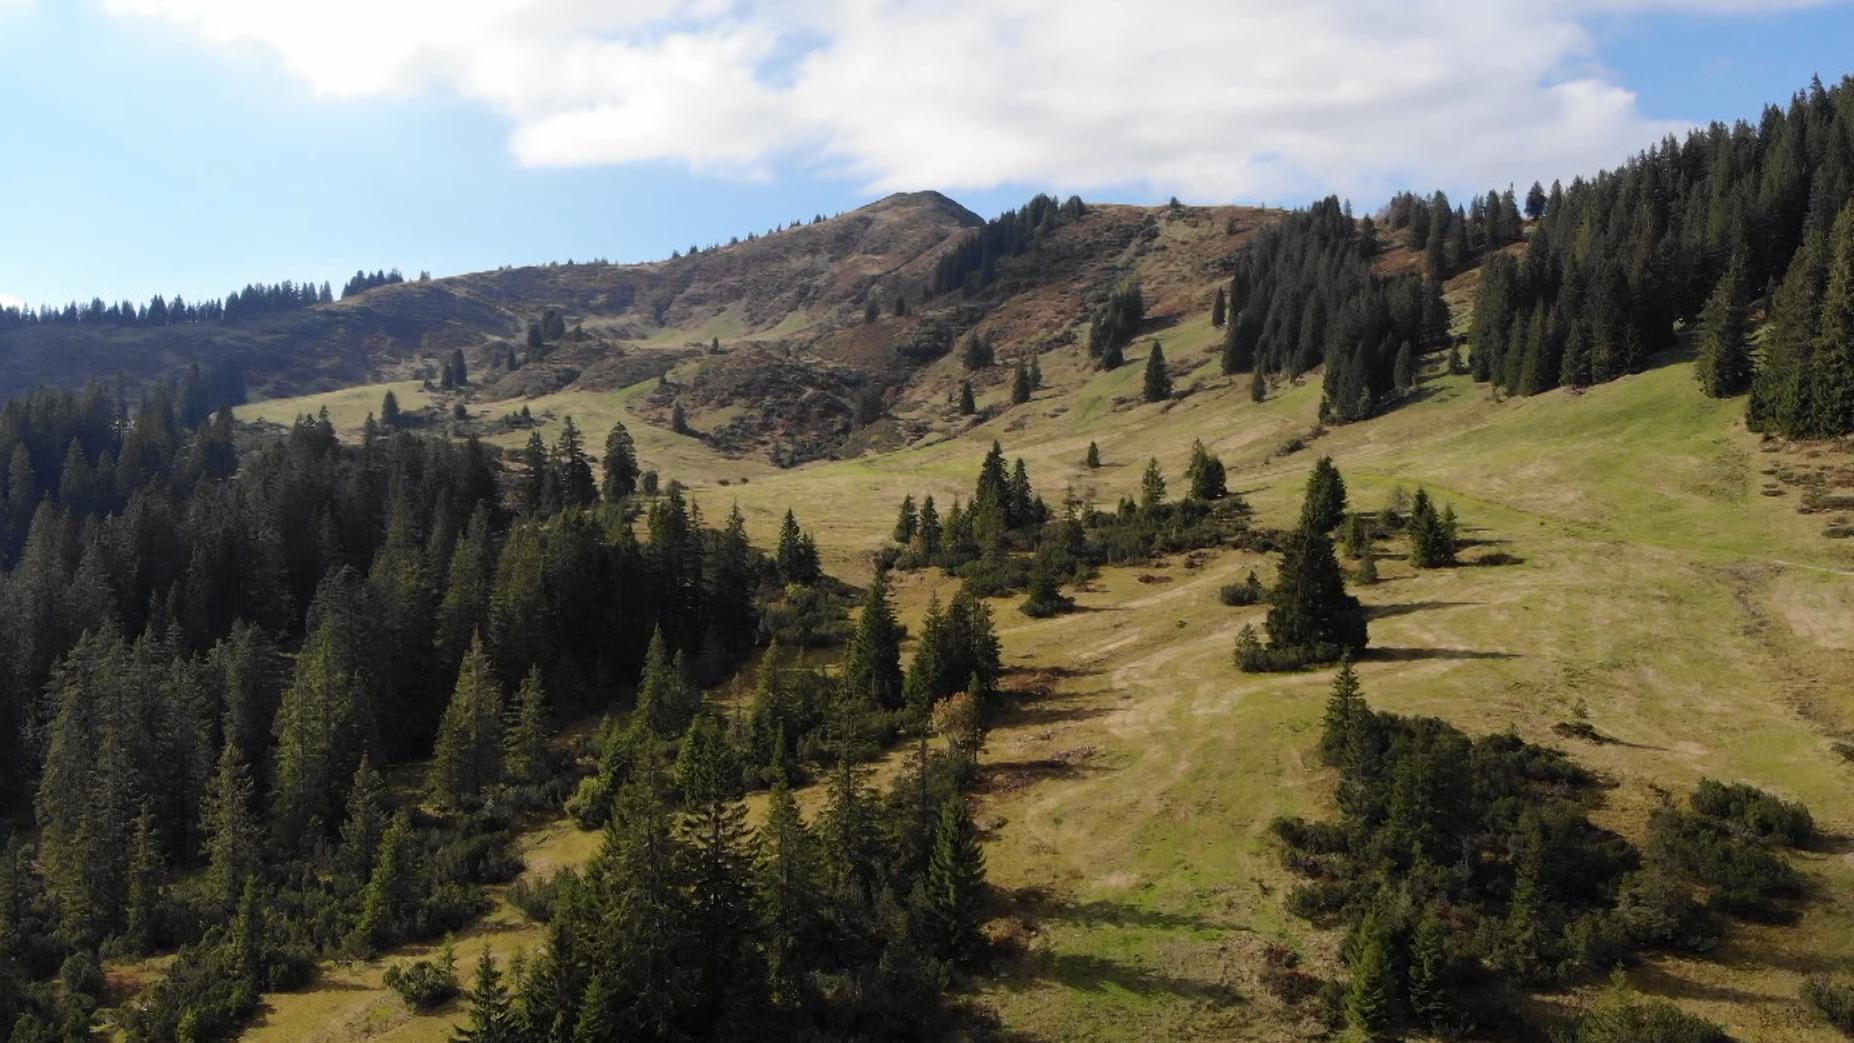 Berggebiet am Riedberger Horn - zum Teil mit Nadelbäumen, zum Teil mit Wiesen und Büschen bewachsen